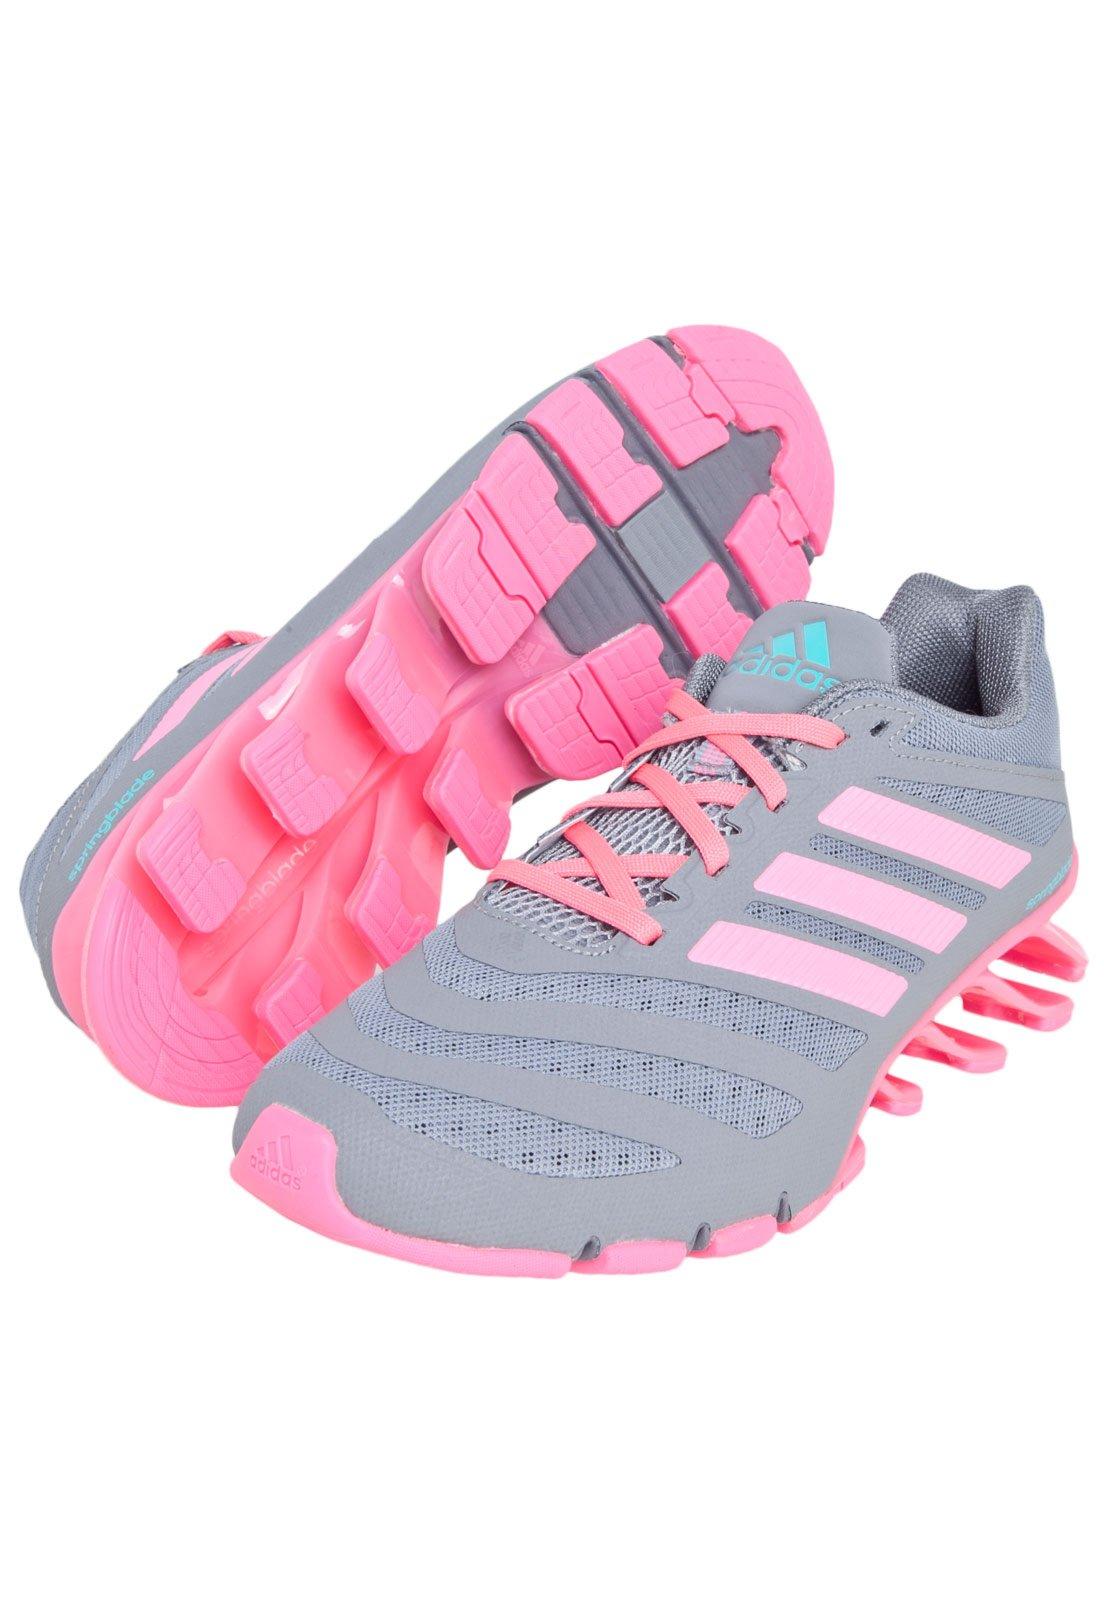 97e016e389ae4 gg68102 tenis adidas feminino rosa